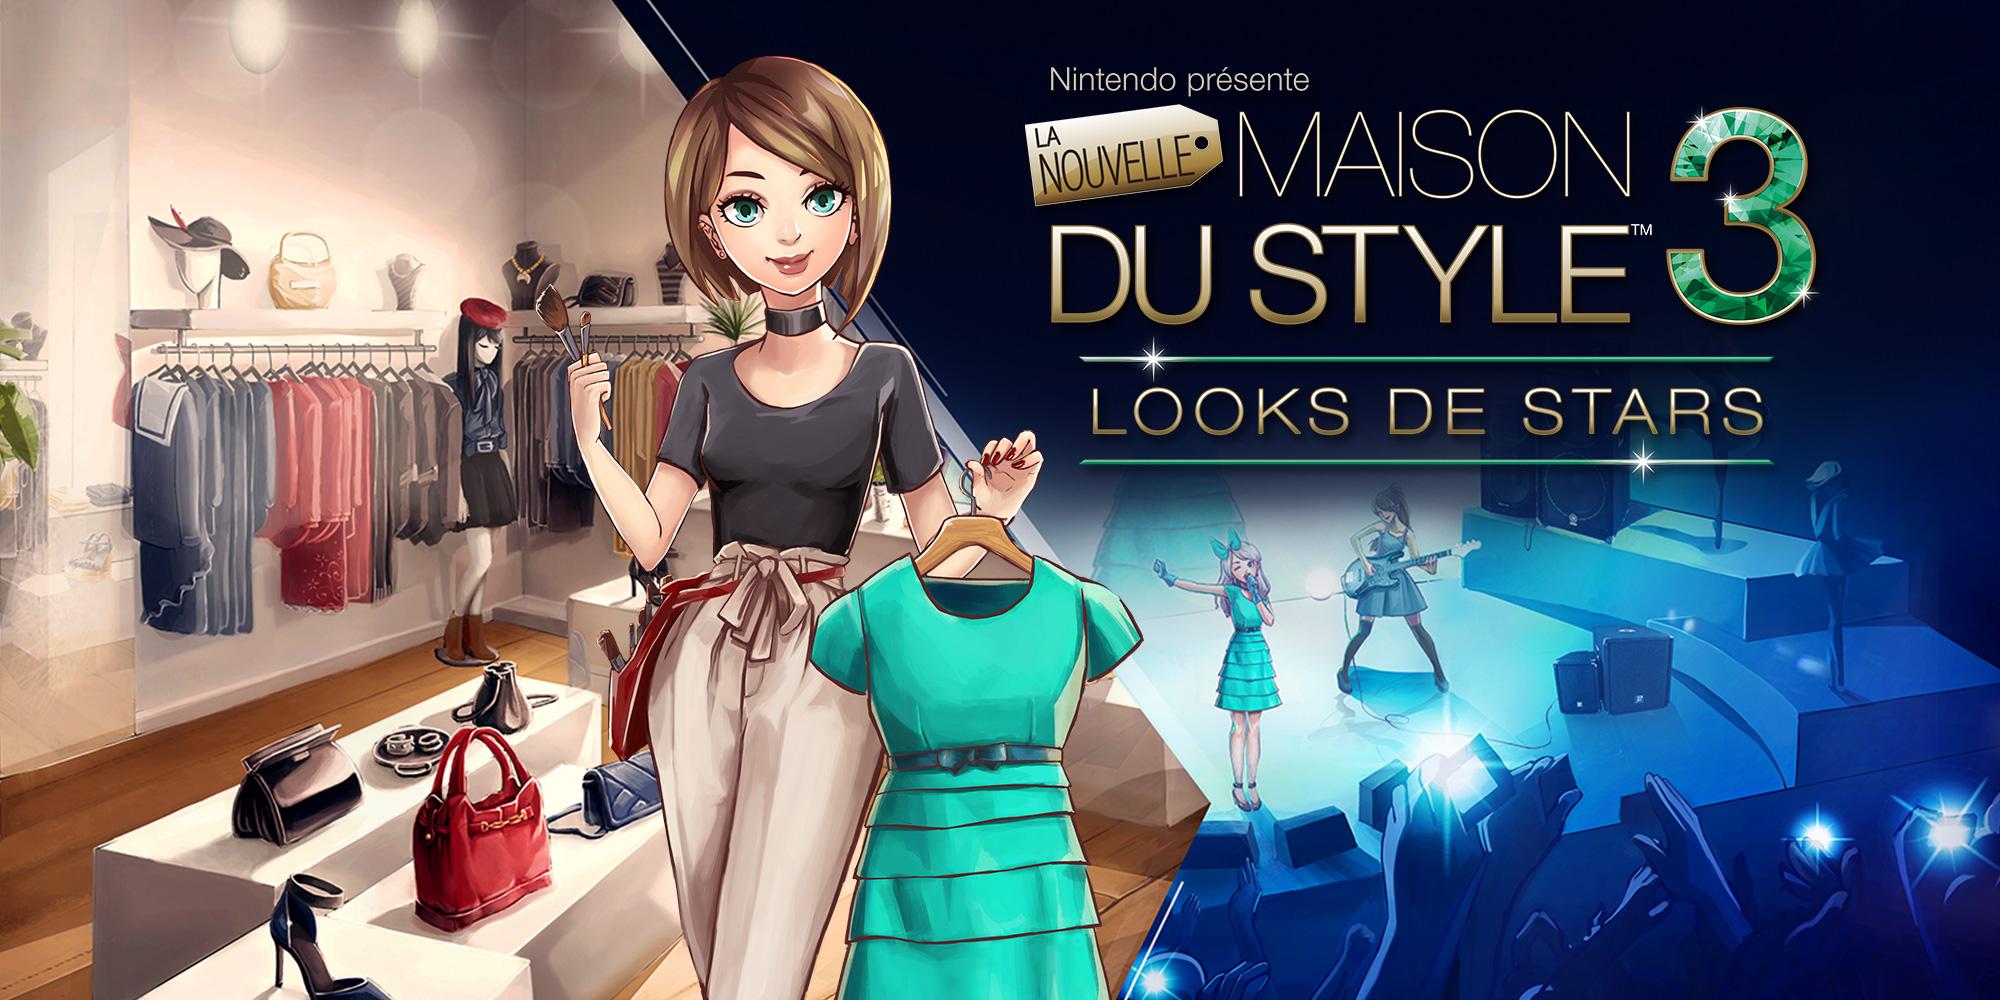 Nintendo Presente La Nouvelle Maison Du Style 3 Looks De Stars Nintendo 3ds Jeux Nintendo